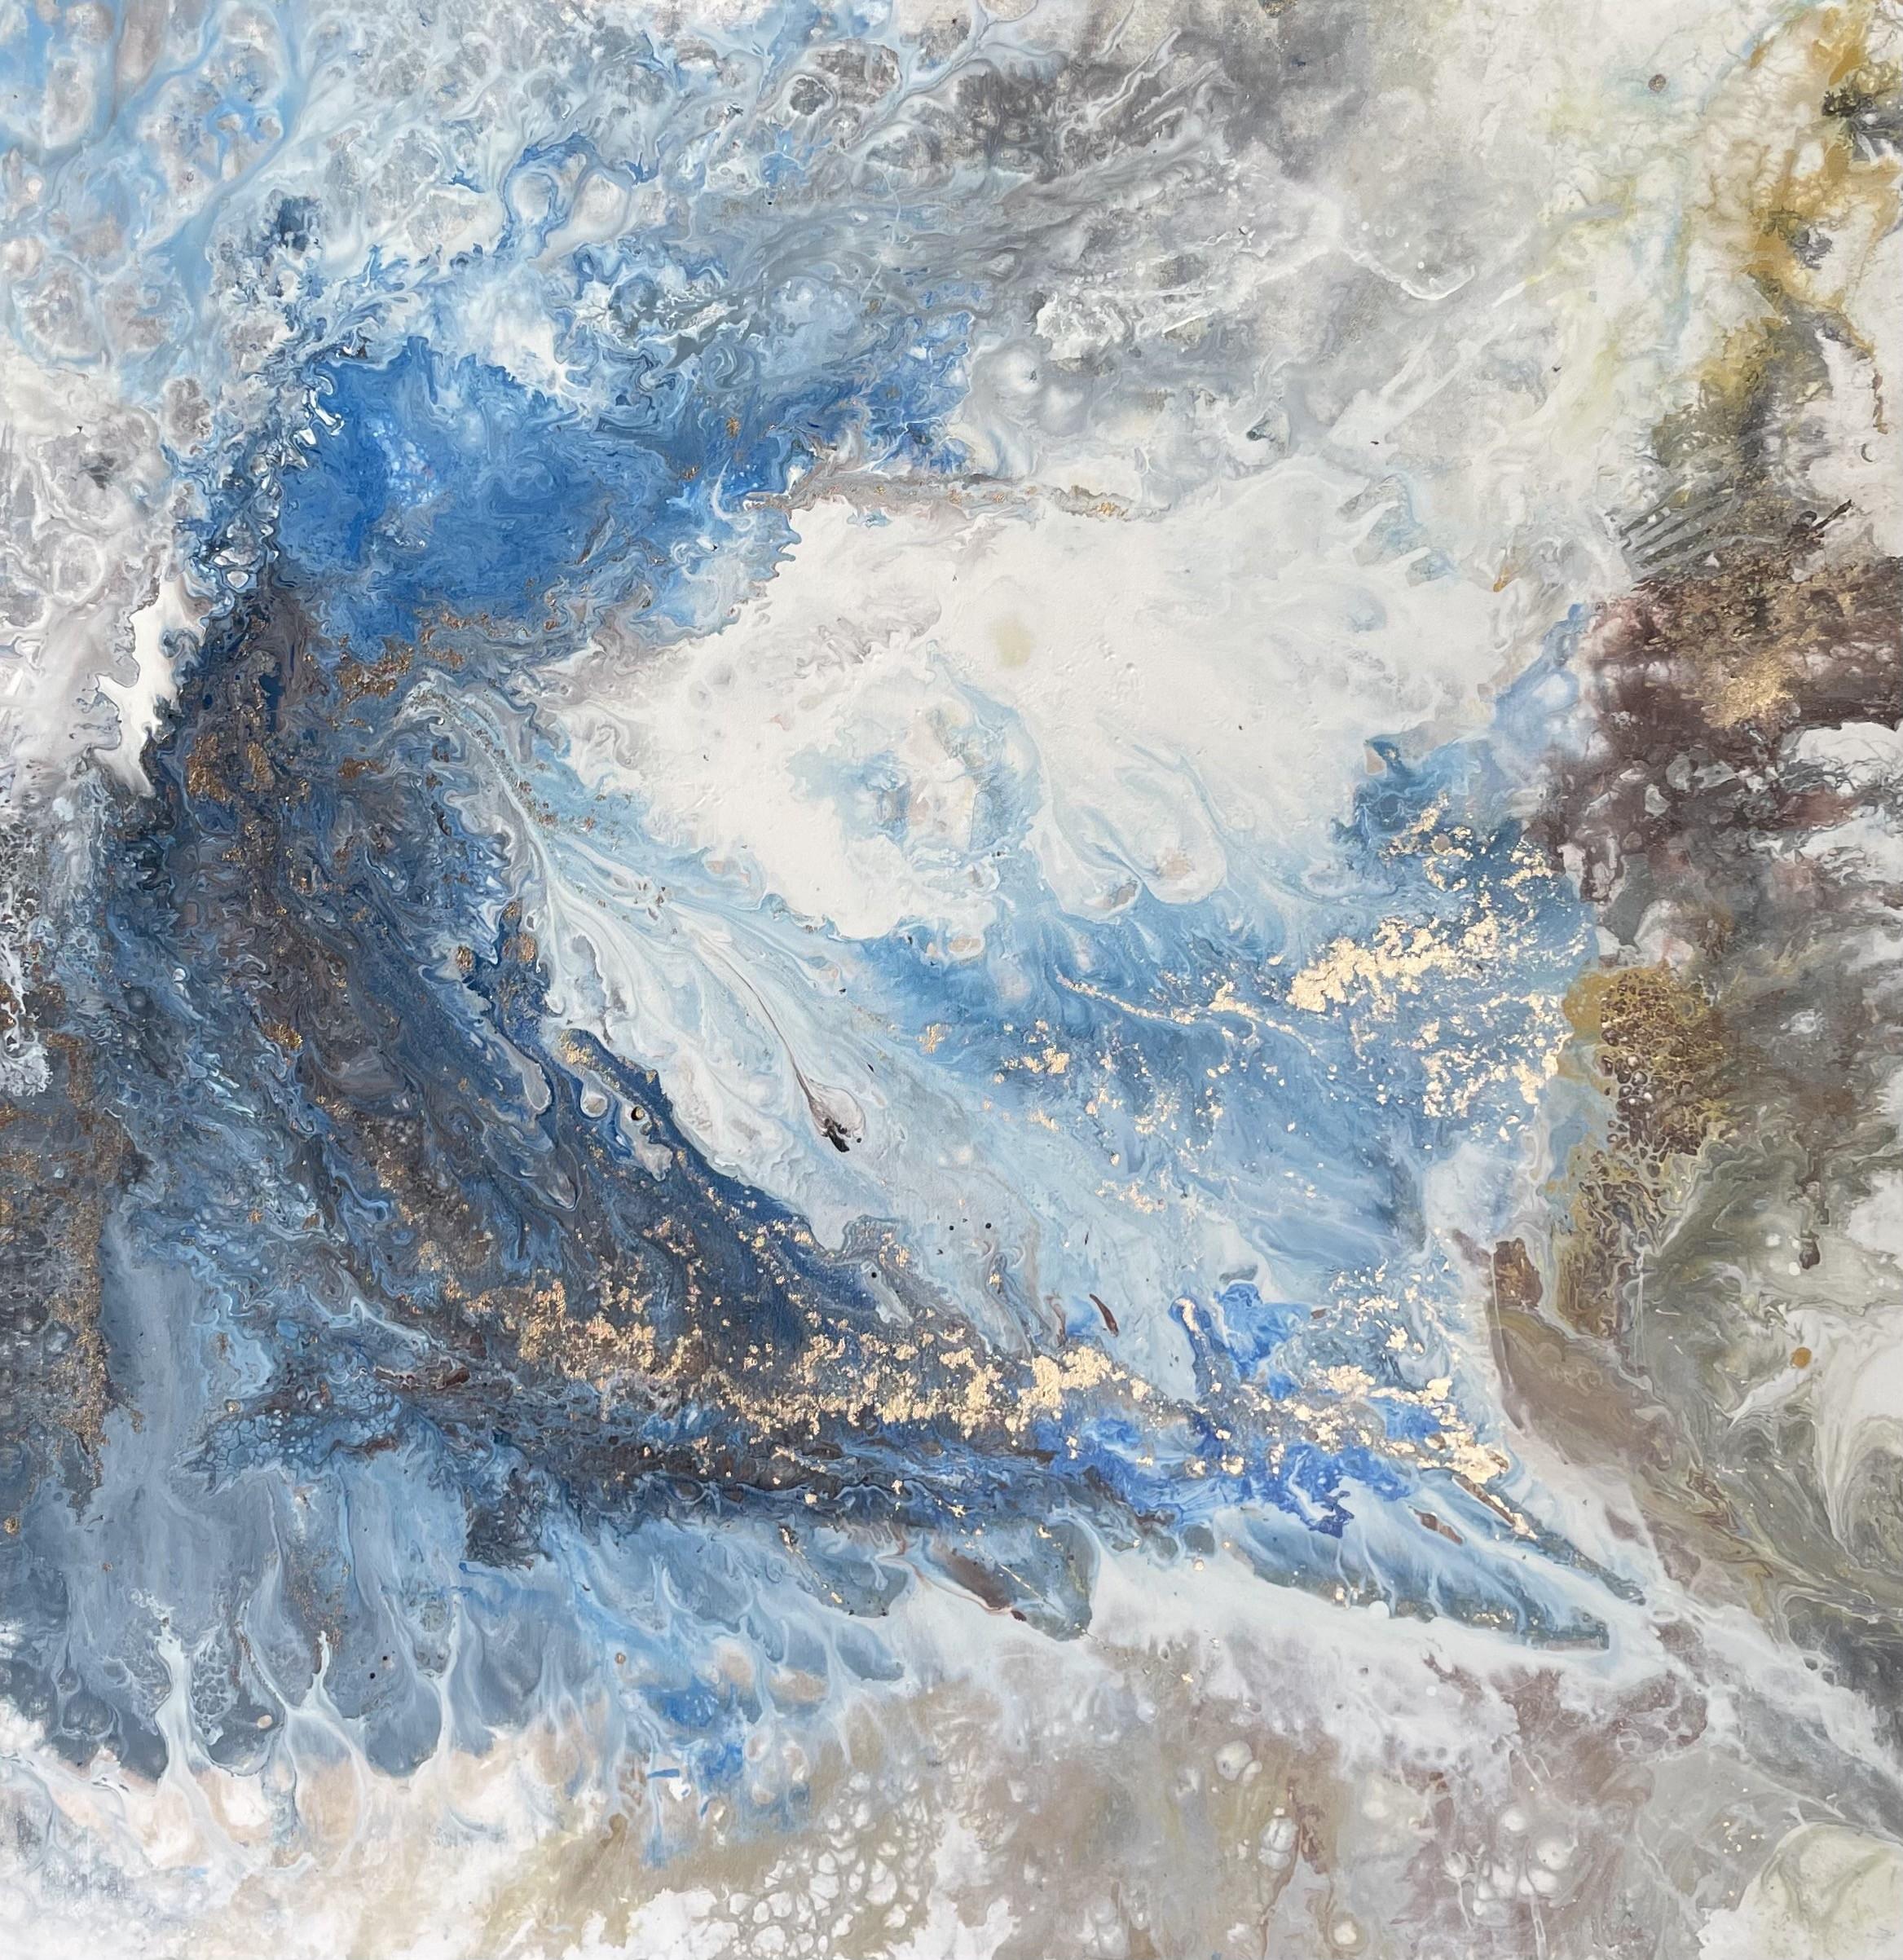 Ocean by Bhagya Weerakoon